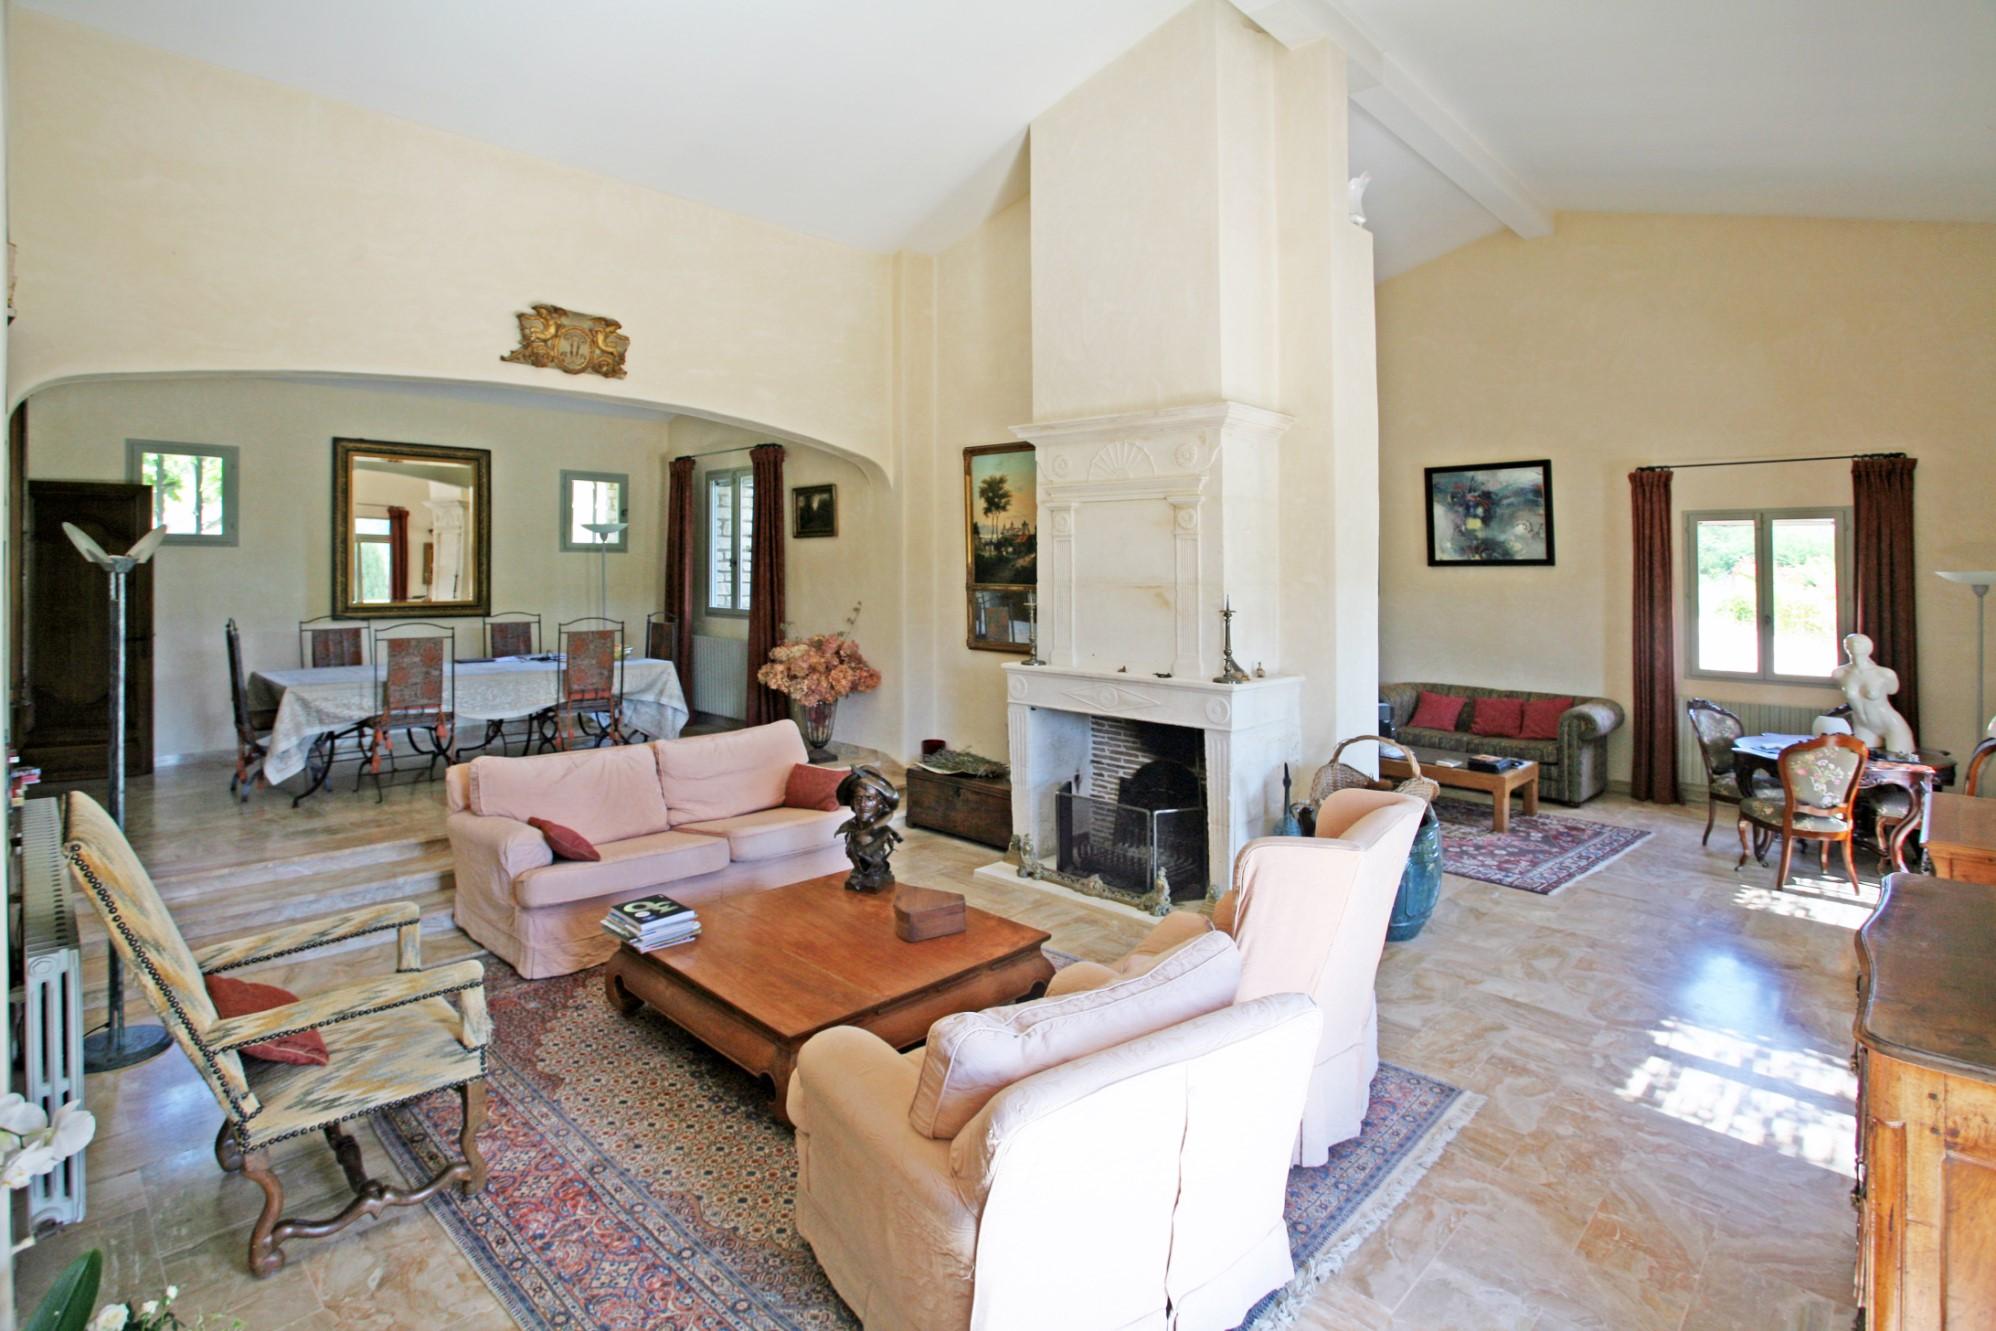 A vendre,  en Luberon, belle maison en pierres, avec piscine et pool house sur 2,5 hectares